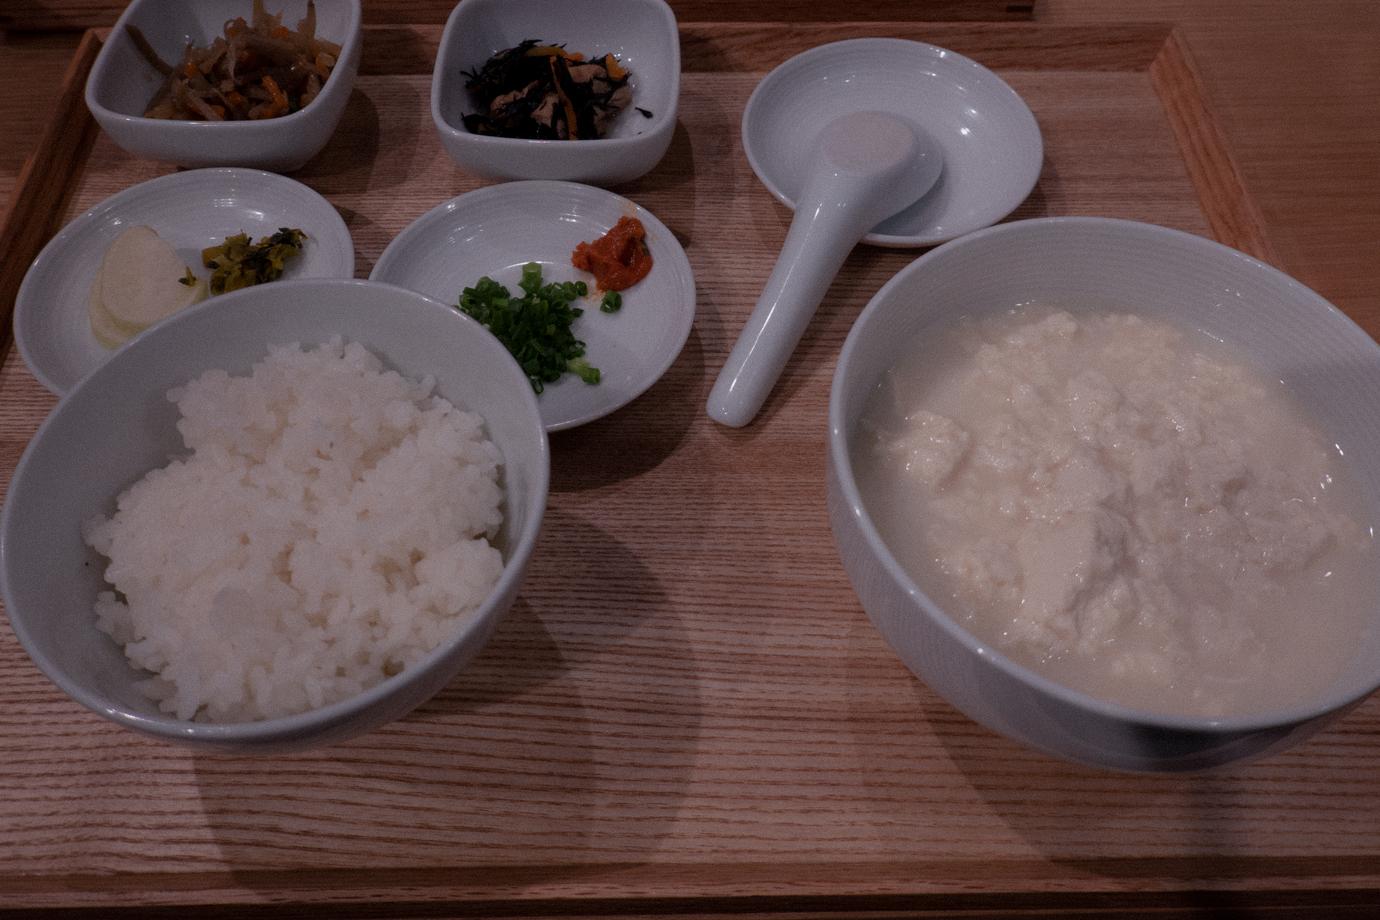 無印良品食堂 MUJI Dinerの湯豆腐セット